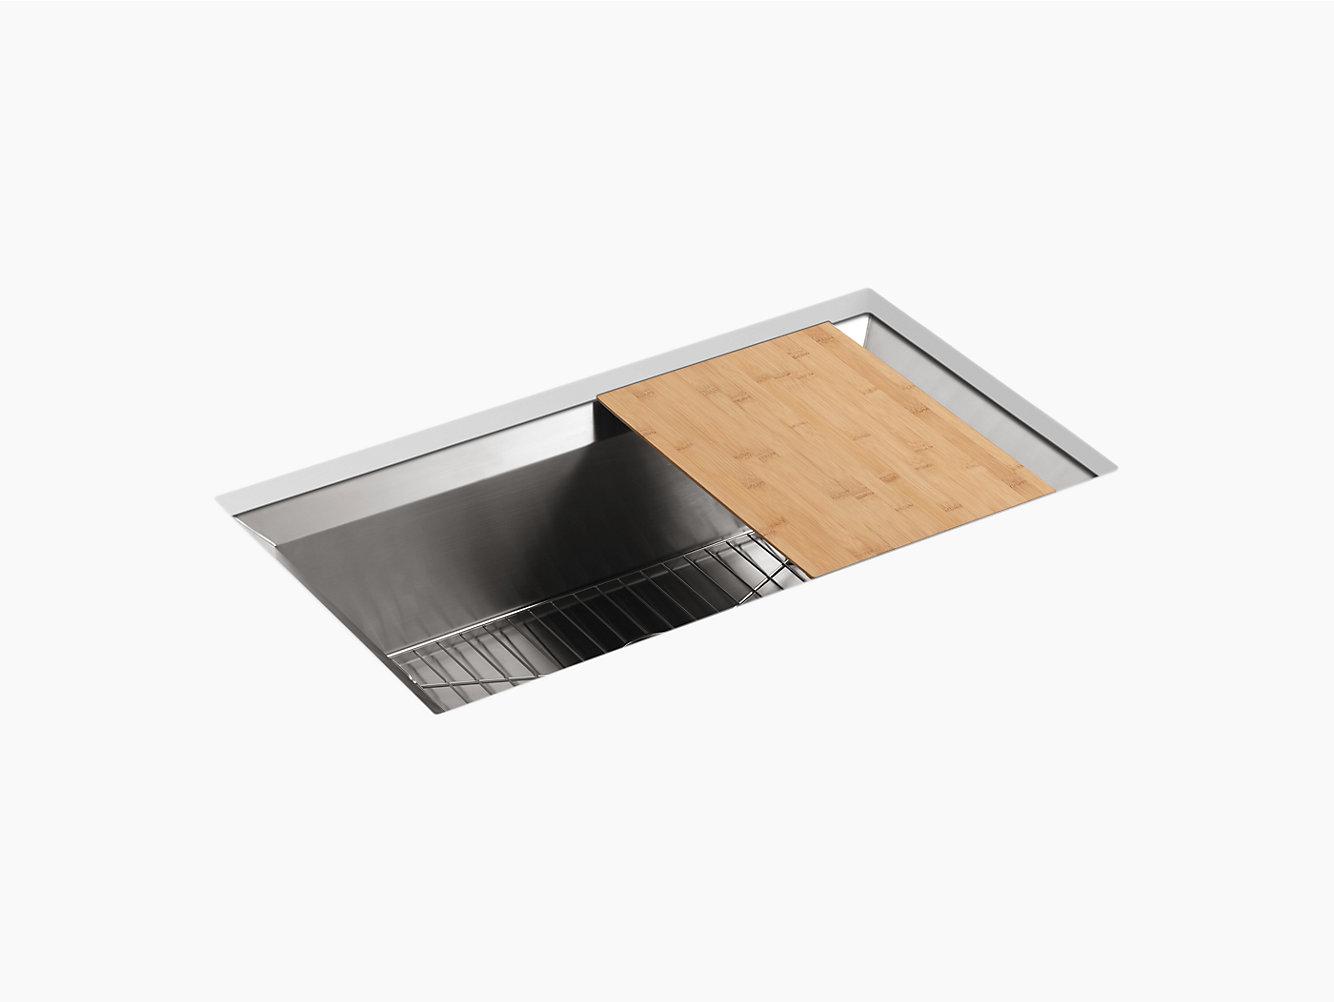 KOHLER | 3158 | Tarja de cocina Poise, para instalación bajo cubierta